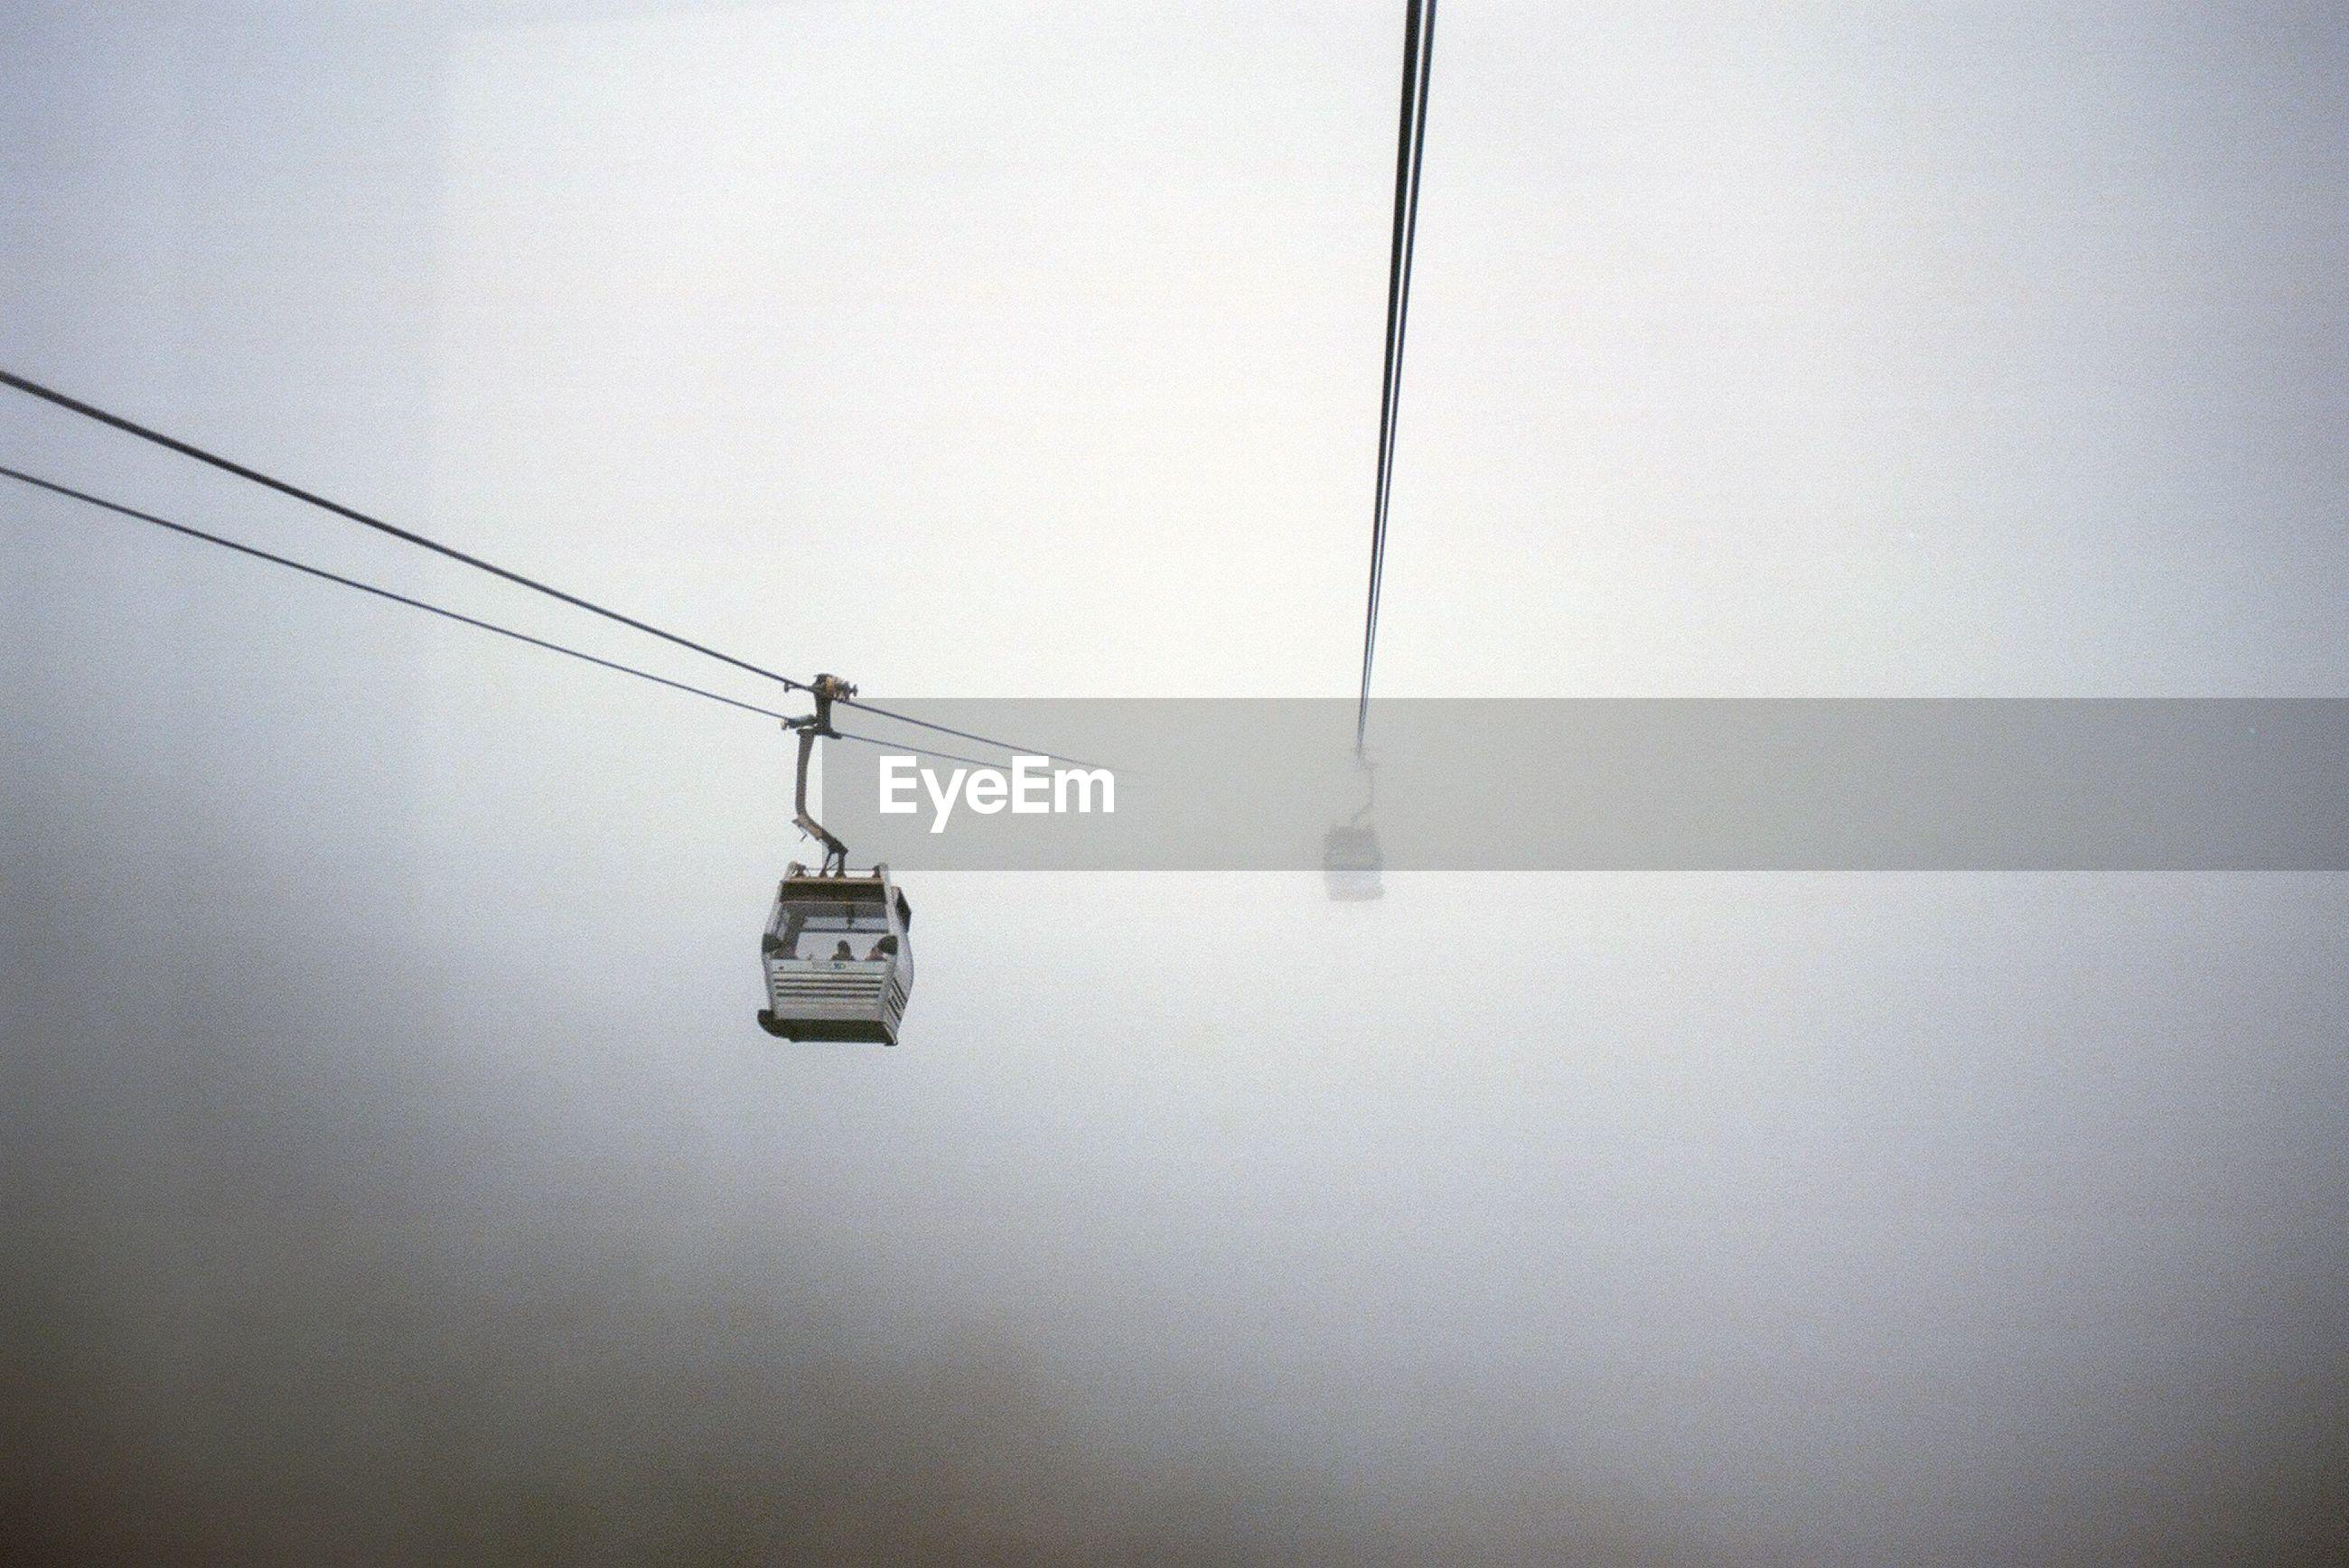 Overhead cable car against sky